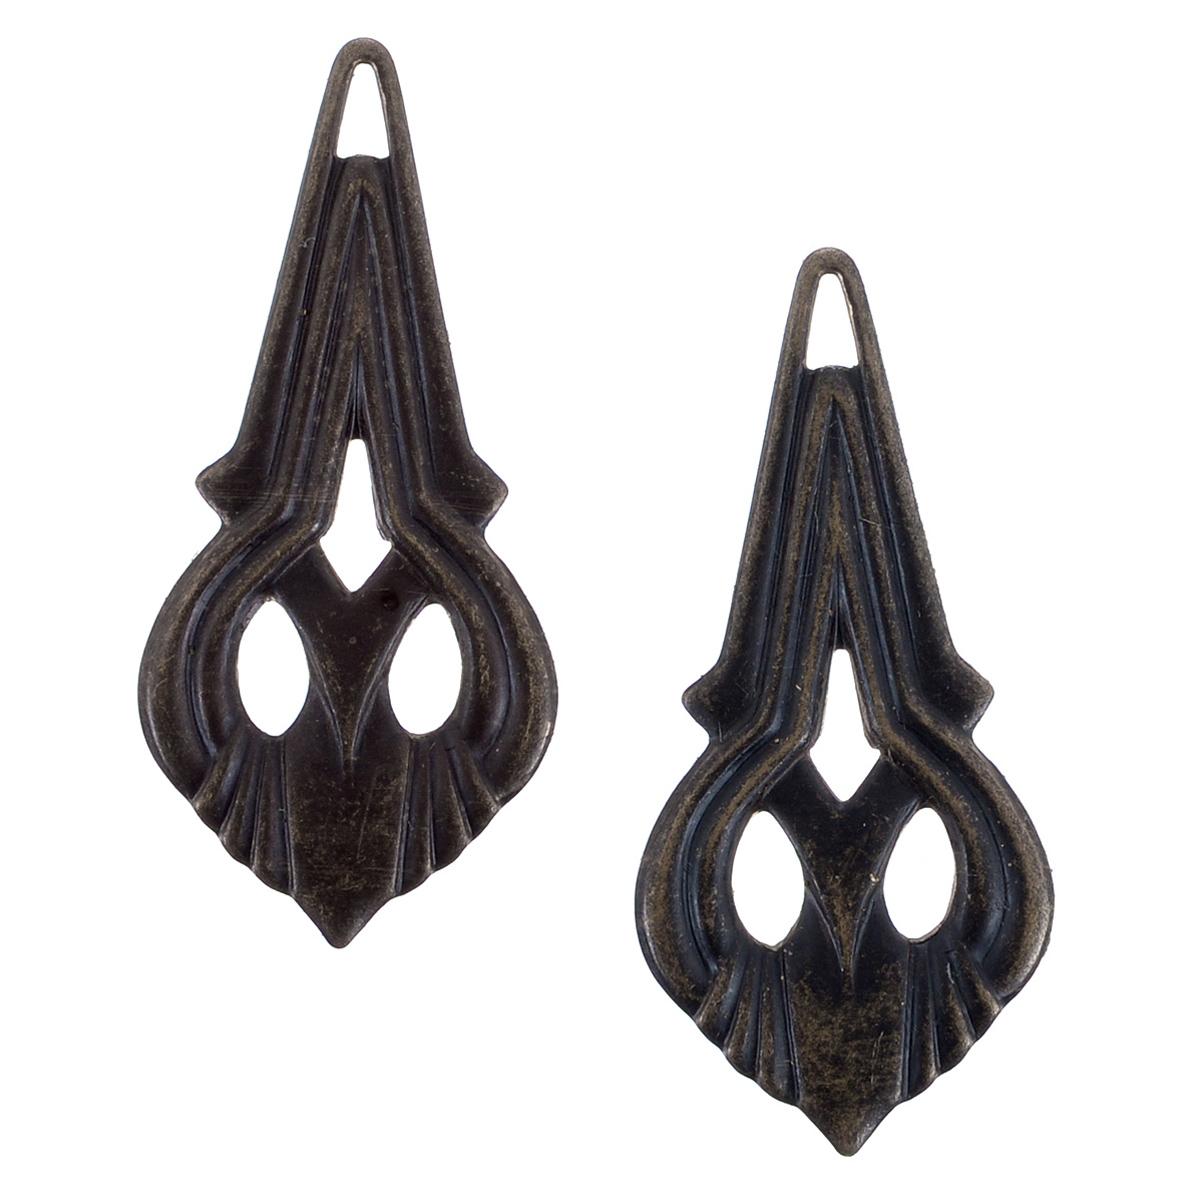 Набор подвесок Vintaj Королевский узор, 35 мм х 16 мм, 2 штDP171RRНабор Vintaj Королевский узор состоит из 2 декоративных подвесок, изготовленных из металла и предназначенных для декорирования в различных техниках. С их помощью вы сможете украсить альбом, одежду, подарок и другие предметы ручной работы. Декоративные подвески имеют оригинальный дизайн. Скрапбукинг - это хобби, которое способно приносить массу приятных эмоций не только человеку, который этим занимается, но и его близким, друзьям, родным. Это невероятно увлекательное занятие, которое поможет вам сохранить наиболее памятные и яркие моменты вашей жизни, а также интересно оформить интерьер дома. Размер элемента: 35 мм х 16 мм.